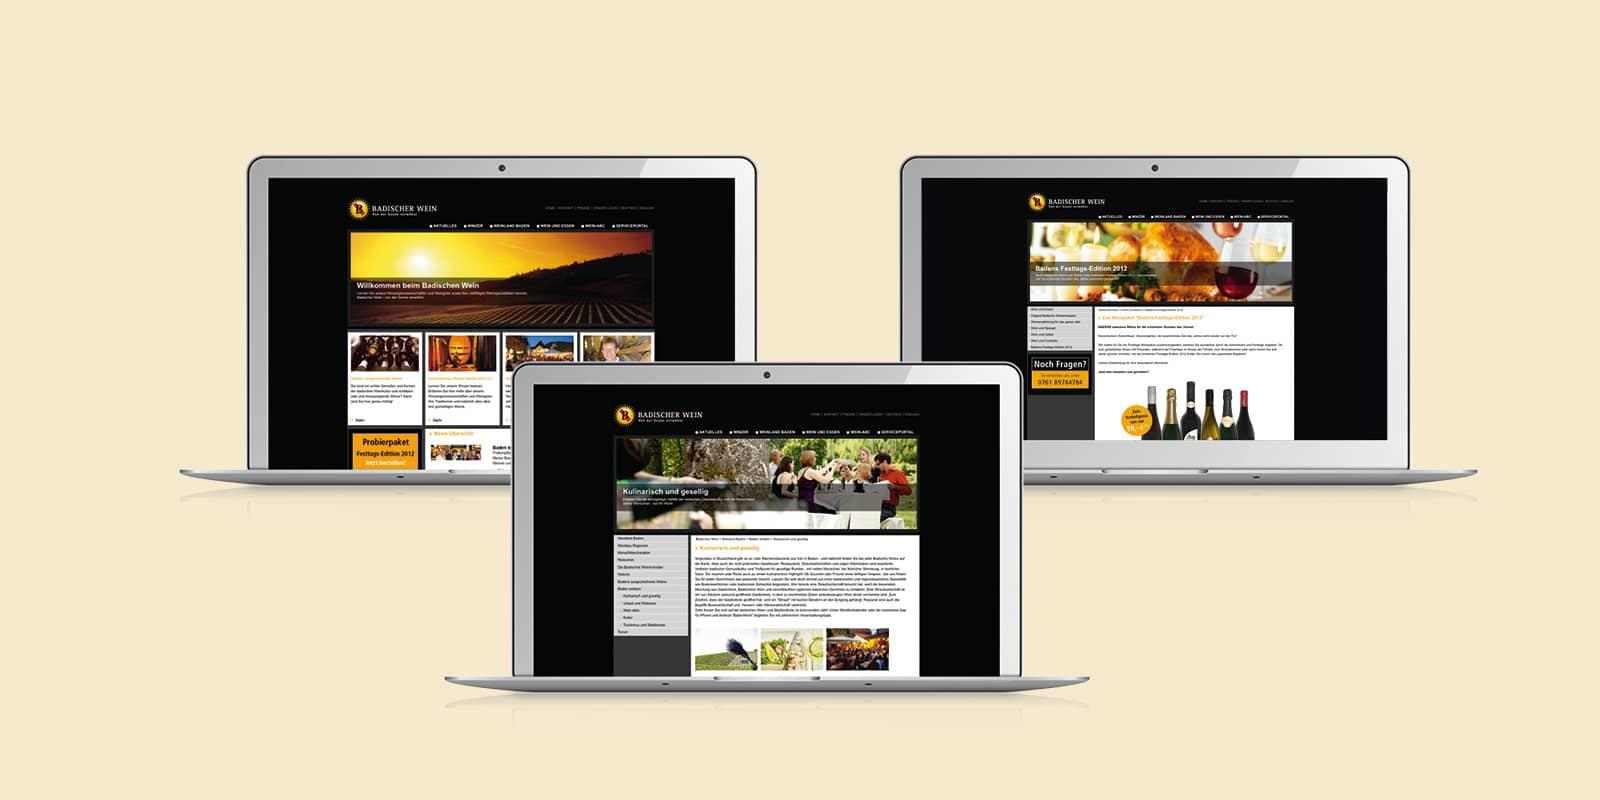 Badischer Wein – Internetauftritt Desktop